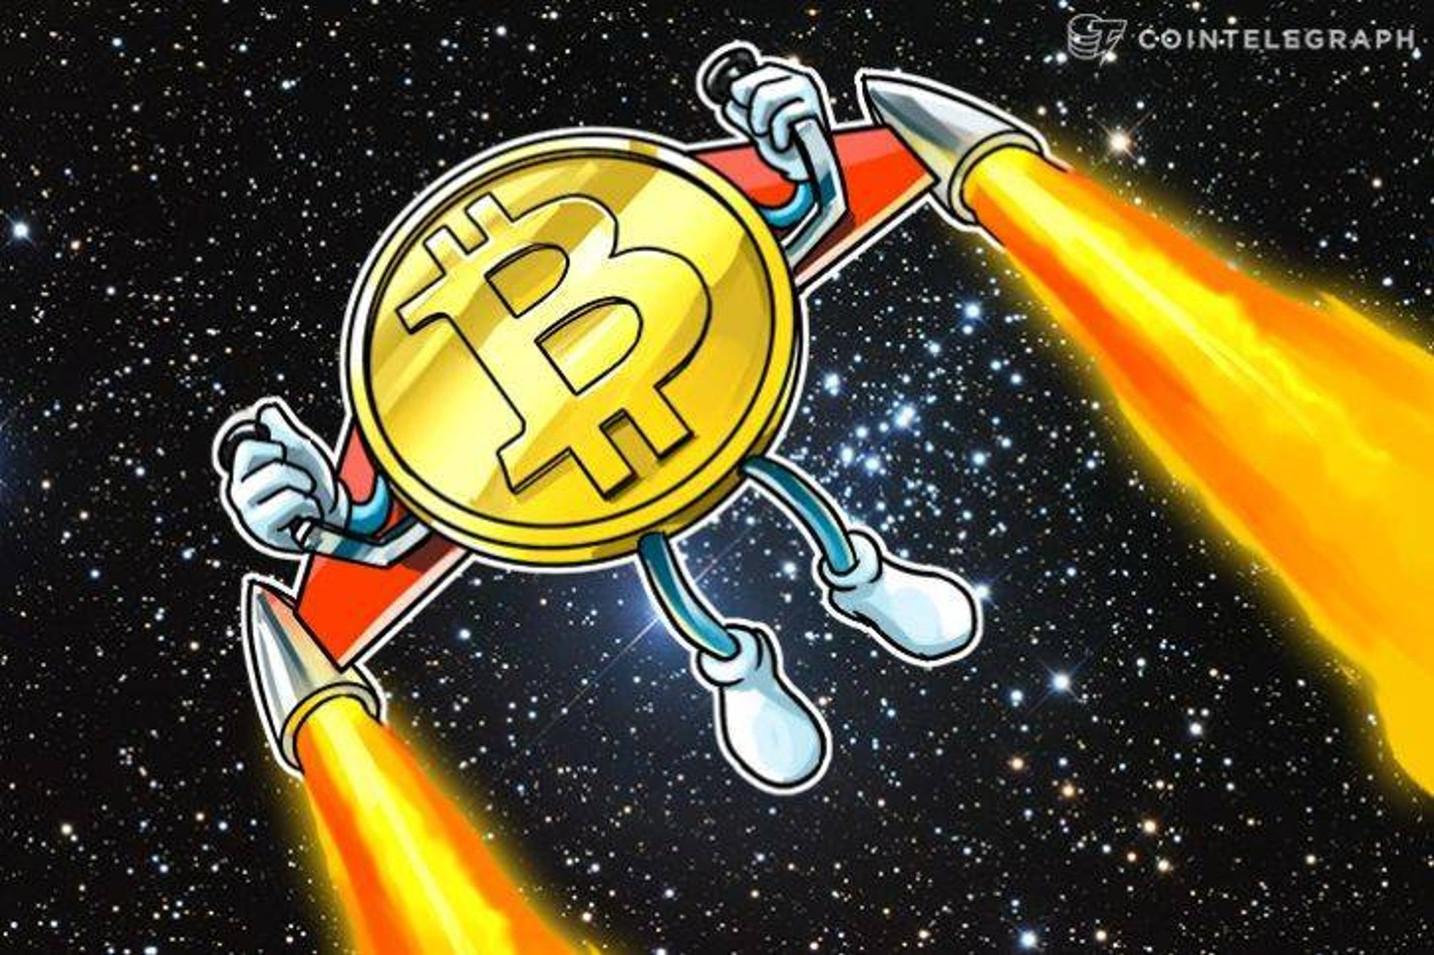 仮想通貨ビットコイン、待望の買いシグナル点灯「条件整う」